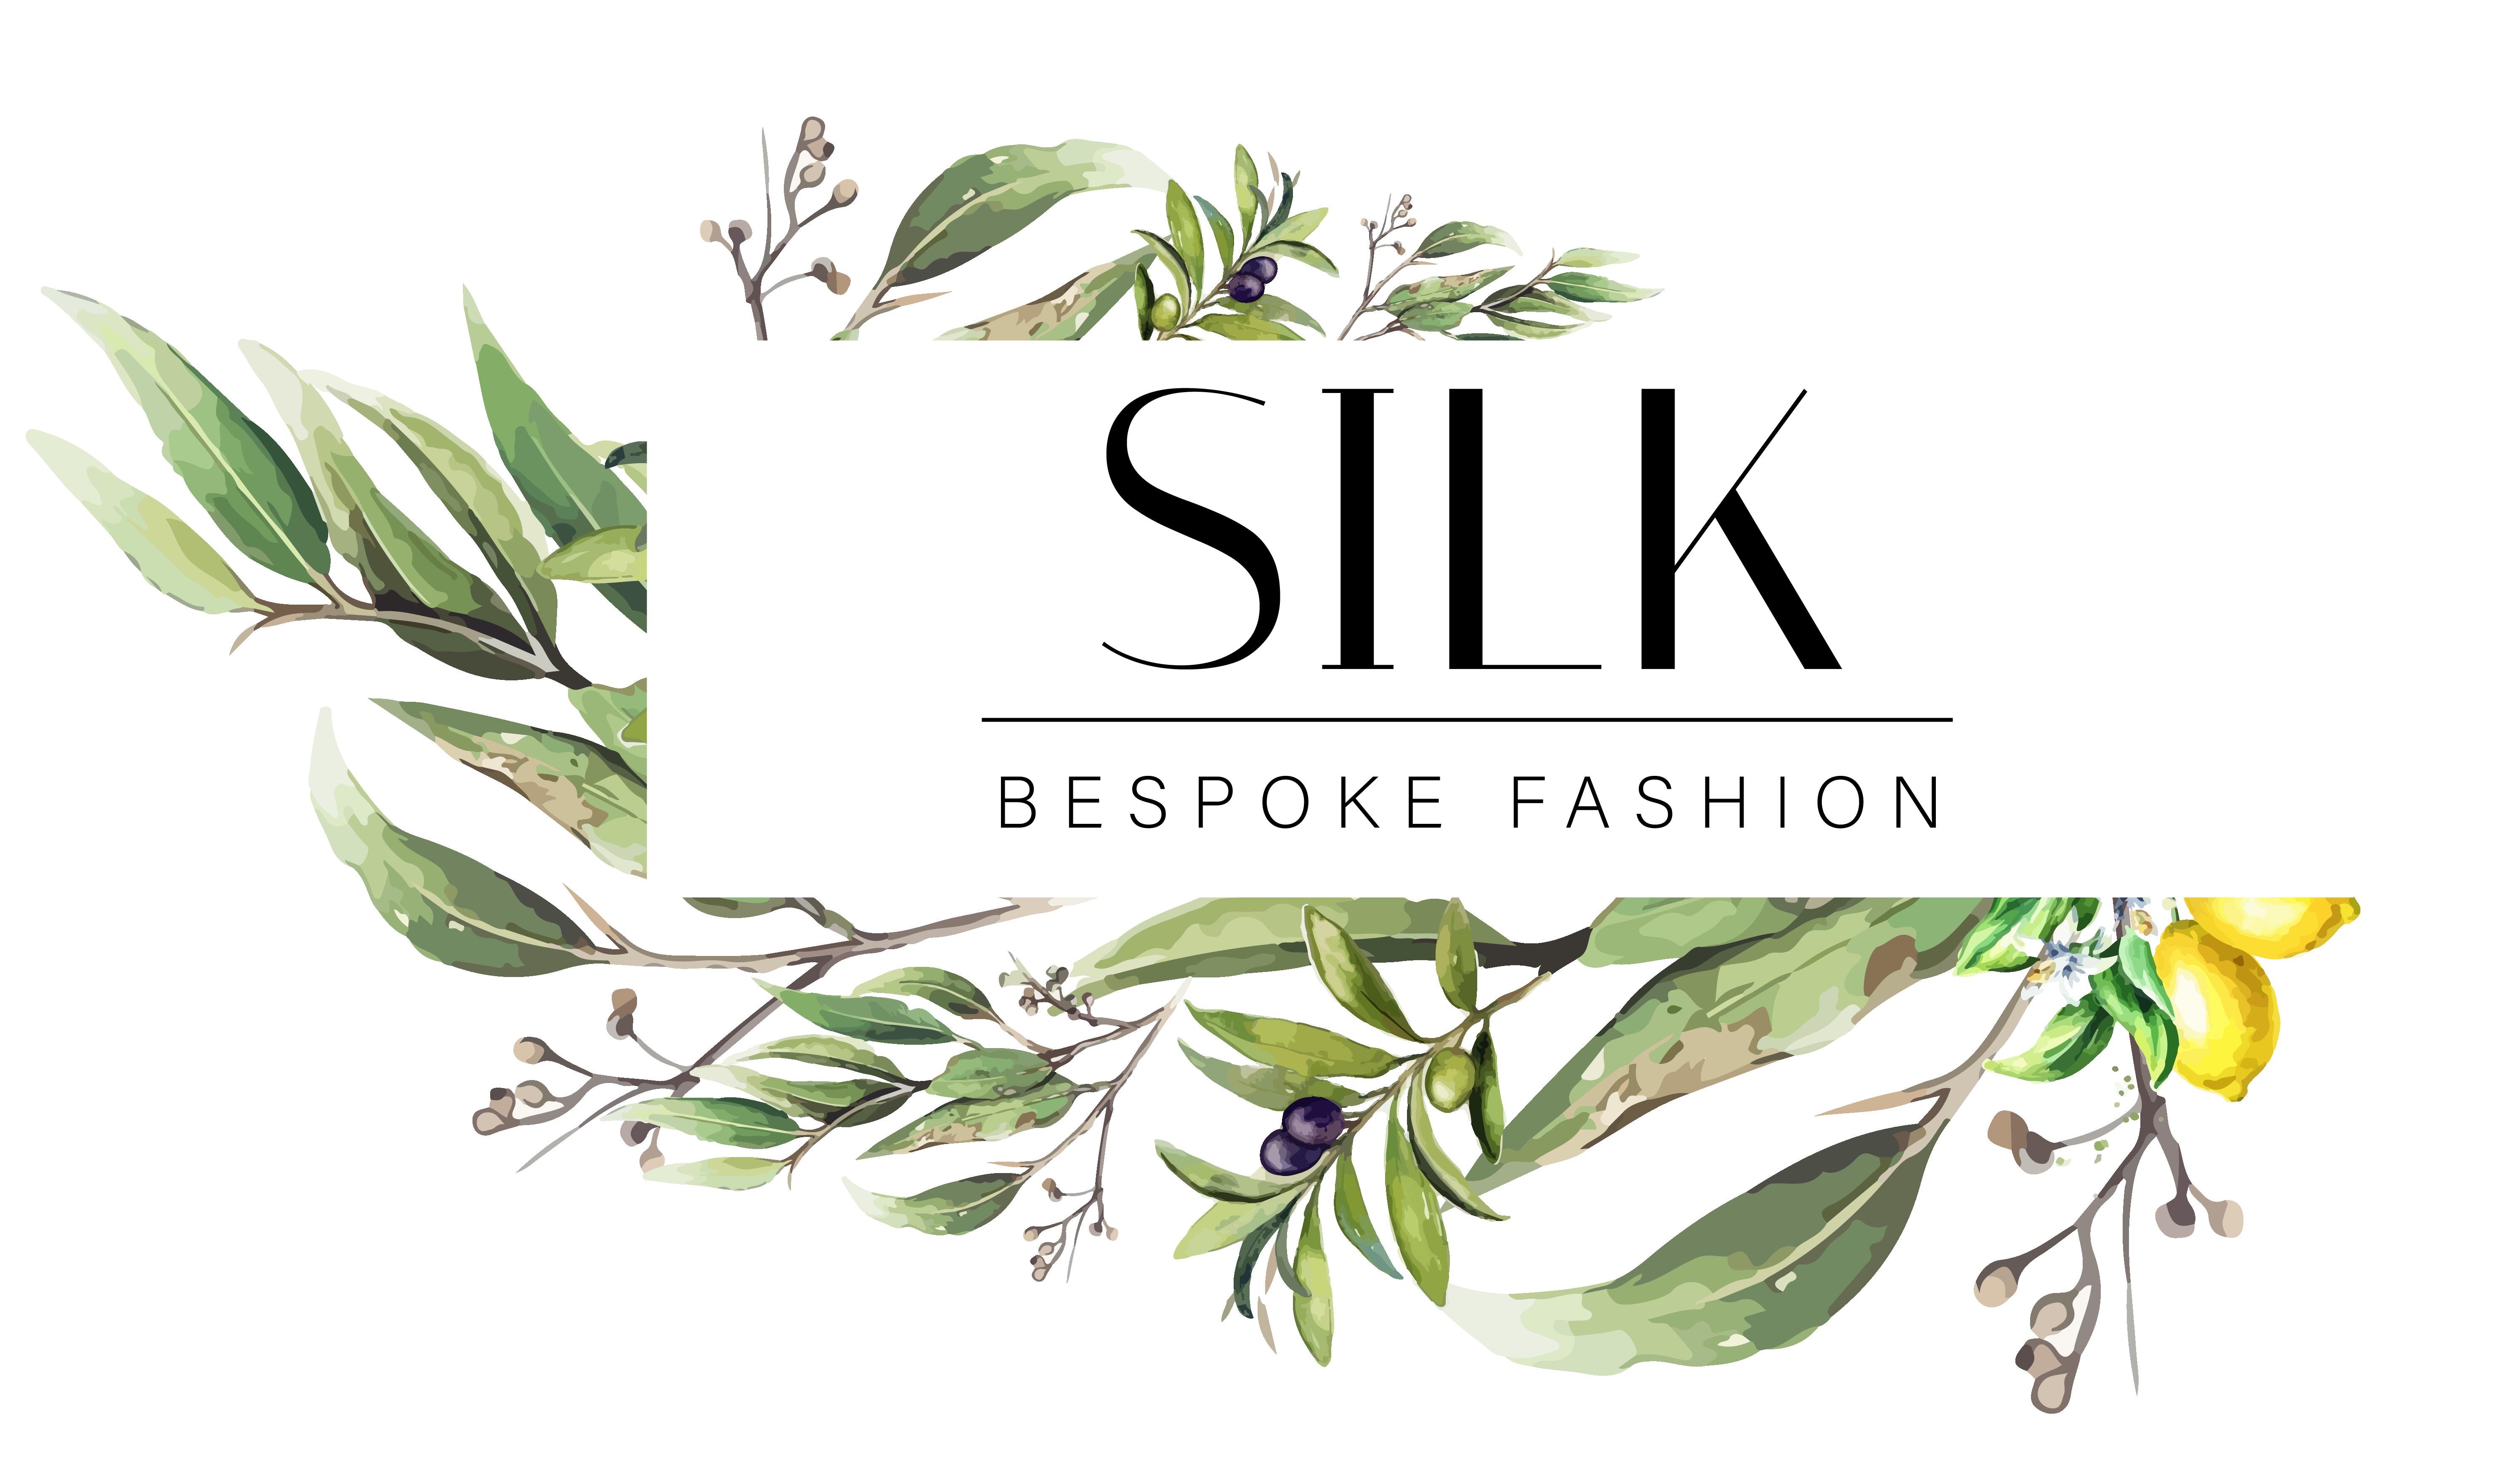 Silk Bespoke